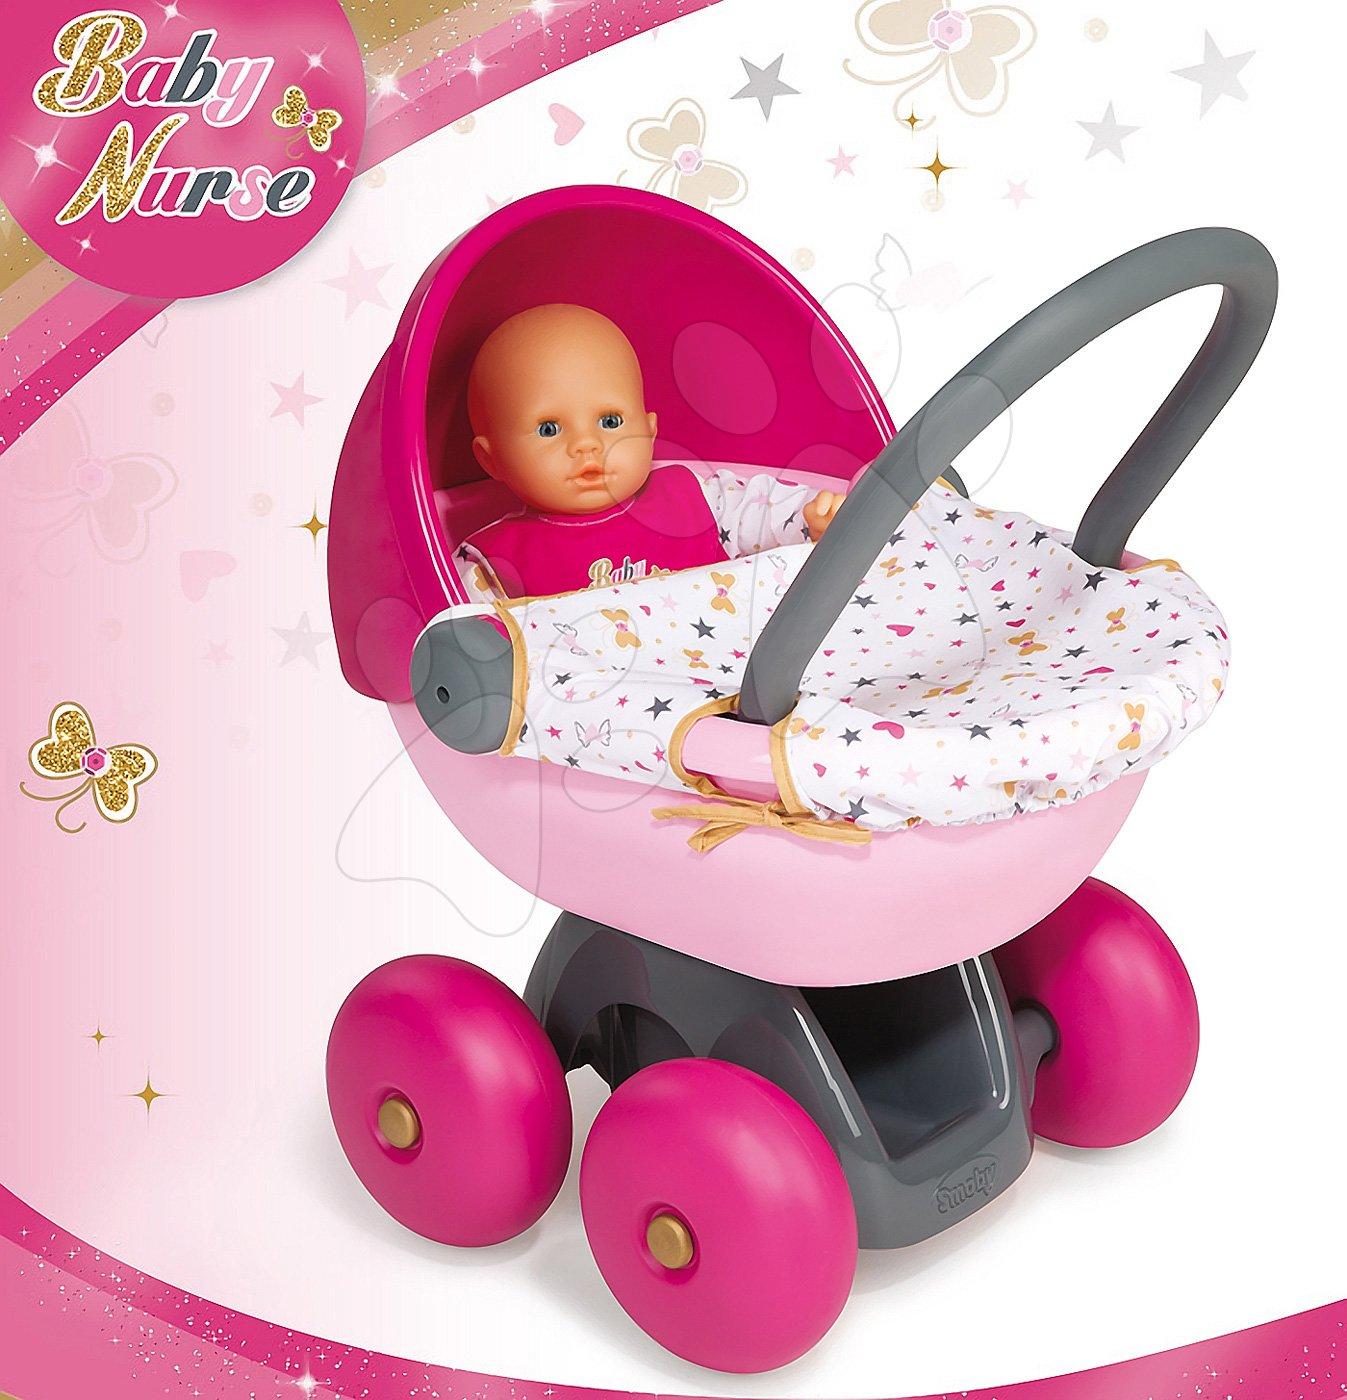 Gyerek babakocsi játékbabának Baby Nurse Smoby tojás 56dc0067c4